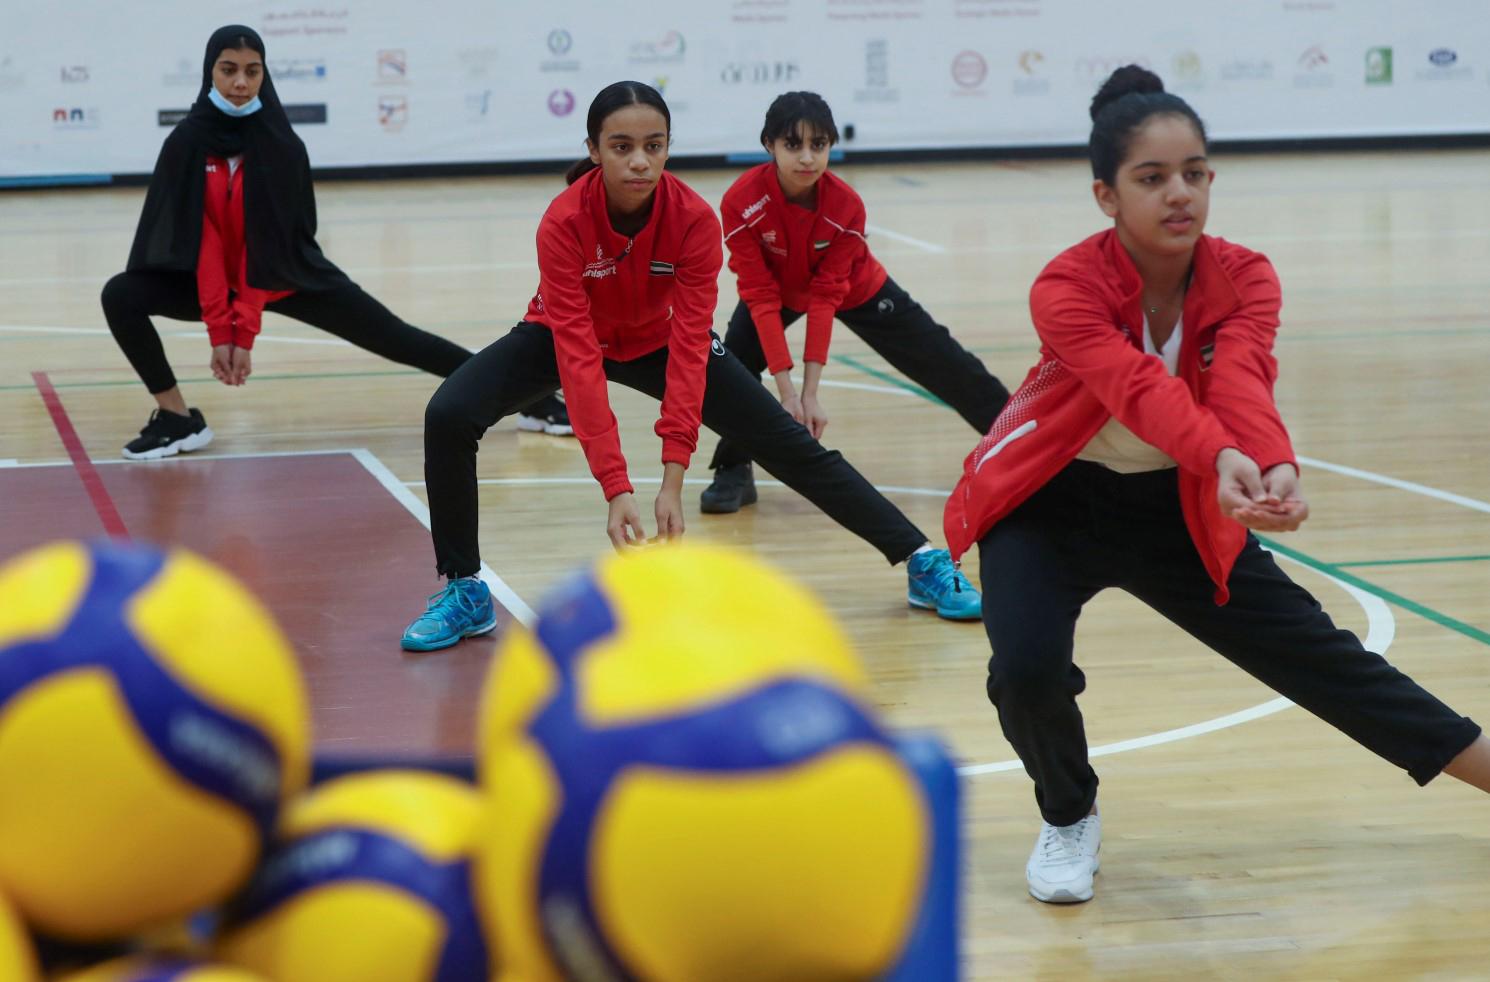 عودة النشاط الرياضي بأندية مؤسسة الشارقة لرياضة المرأة